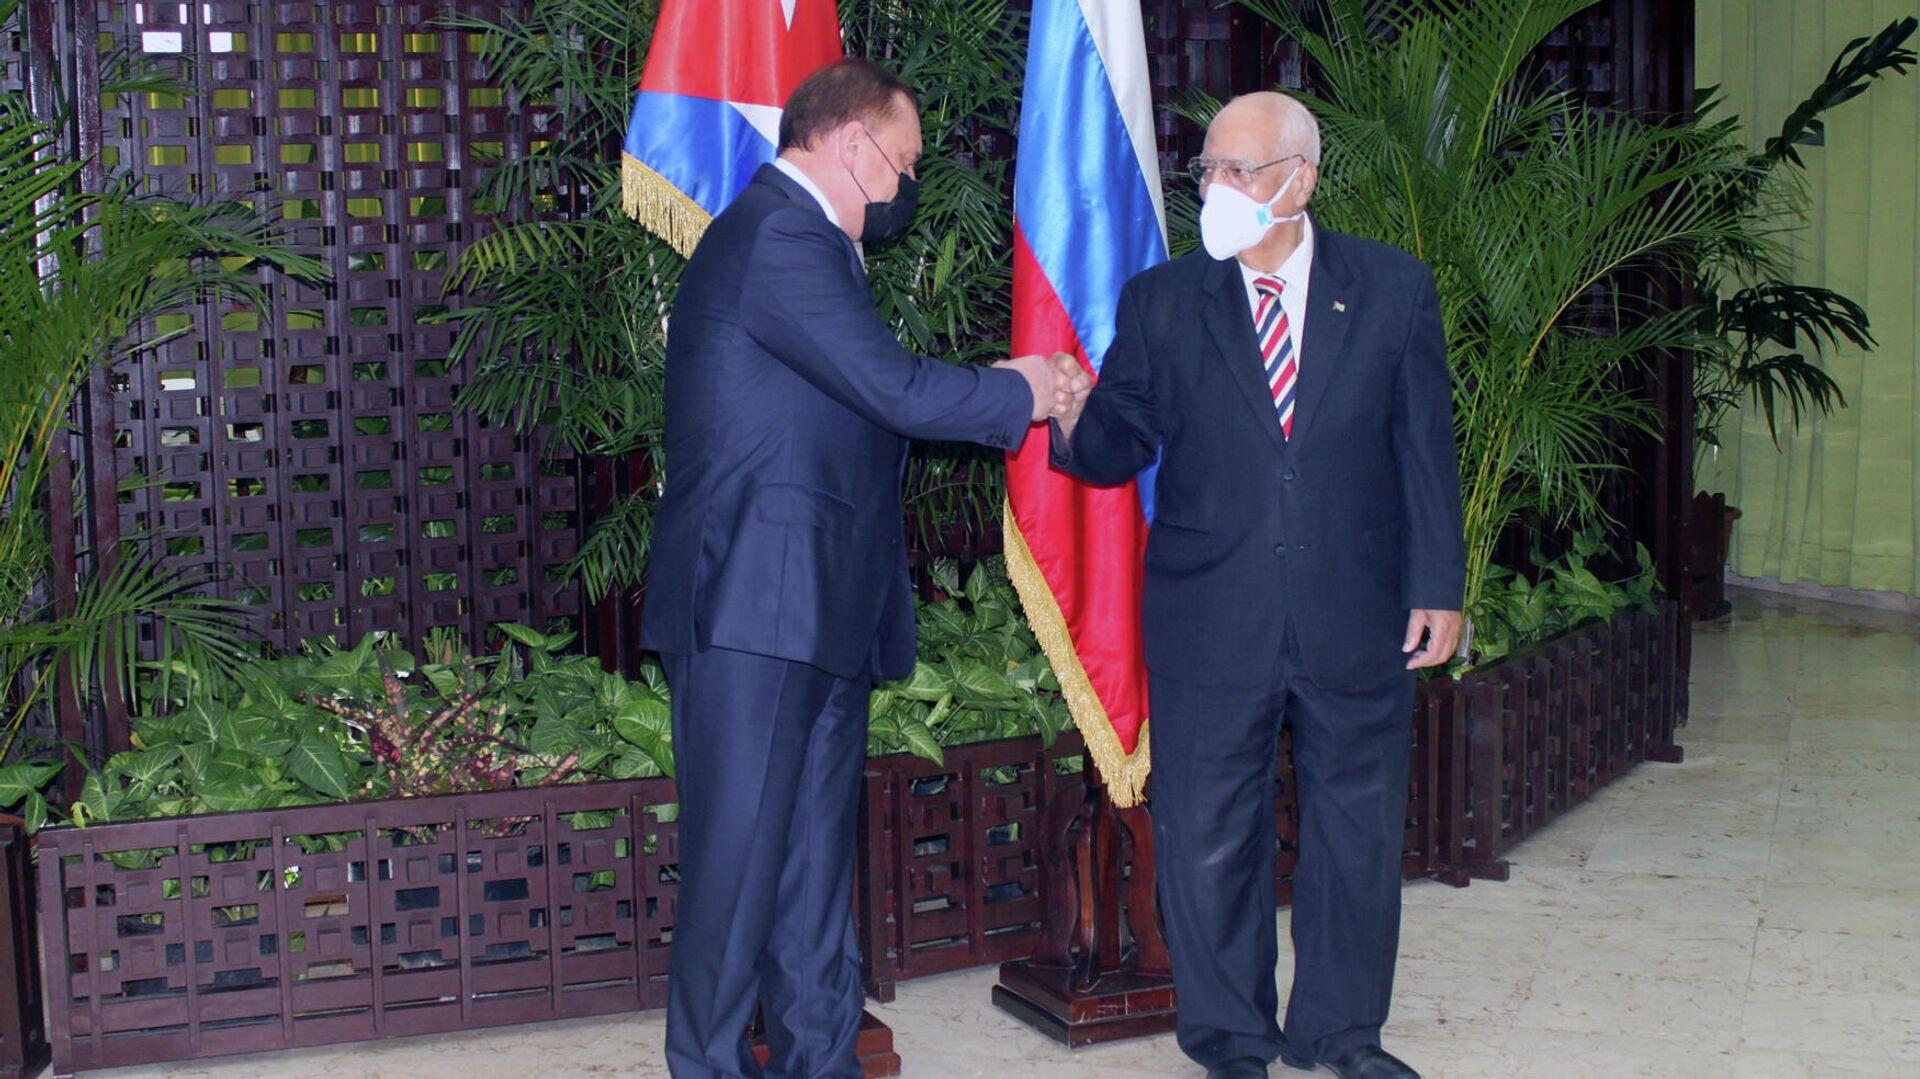 Yuri Borísov y Ricardo Cabrisas, copresidentes de la Comisión Intergubernamental Rusia-Cuba - Sputnik Mundo, 1920, 31.03.2021